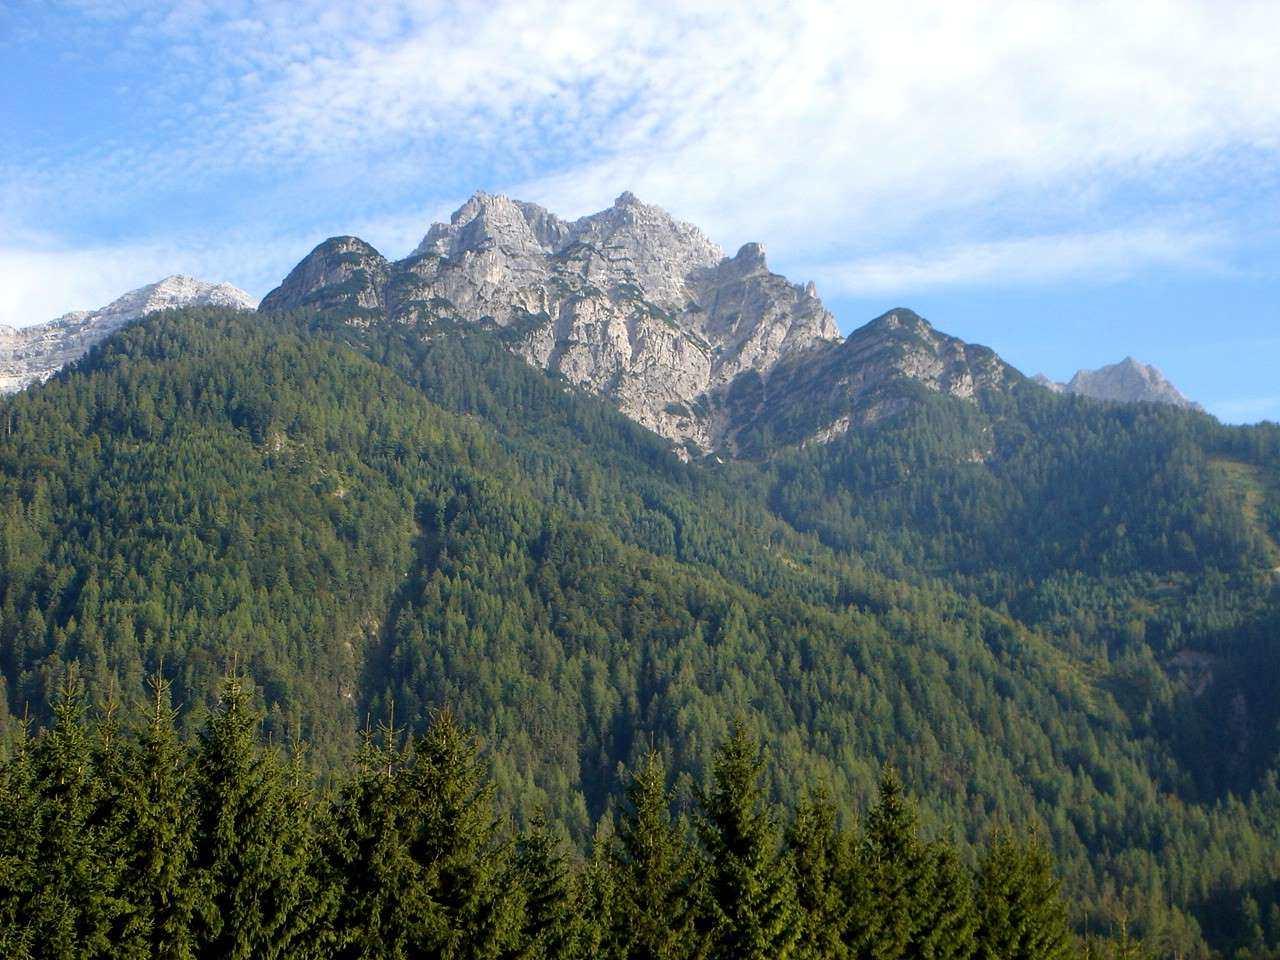 Foto: Manfred Karl / Wander Tour / Von Waidring auf den Brunnkopf / Blick vom Tal auf Wurzköpfe, Rothörner, Brunnkopf (das ist der bewaldete Gipfel etwas rechts der Bildmitte. / 17.05.2007 20:25:31